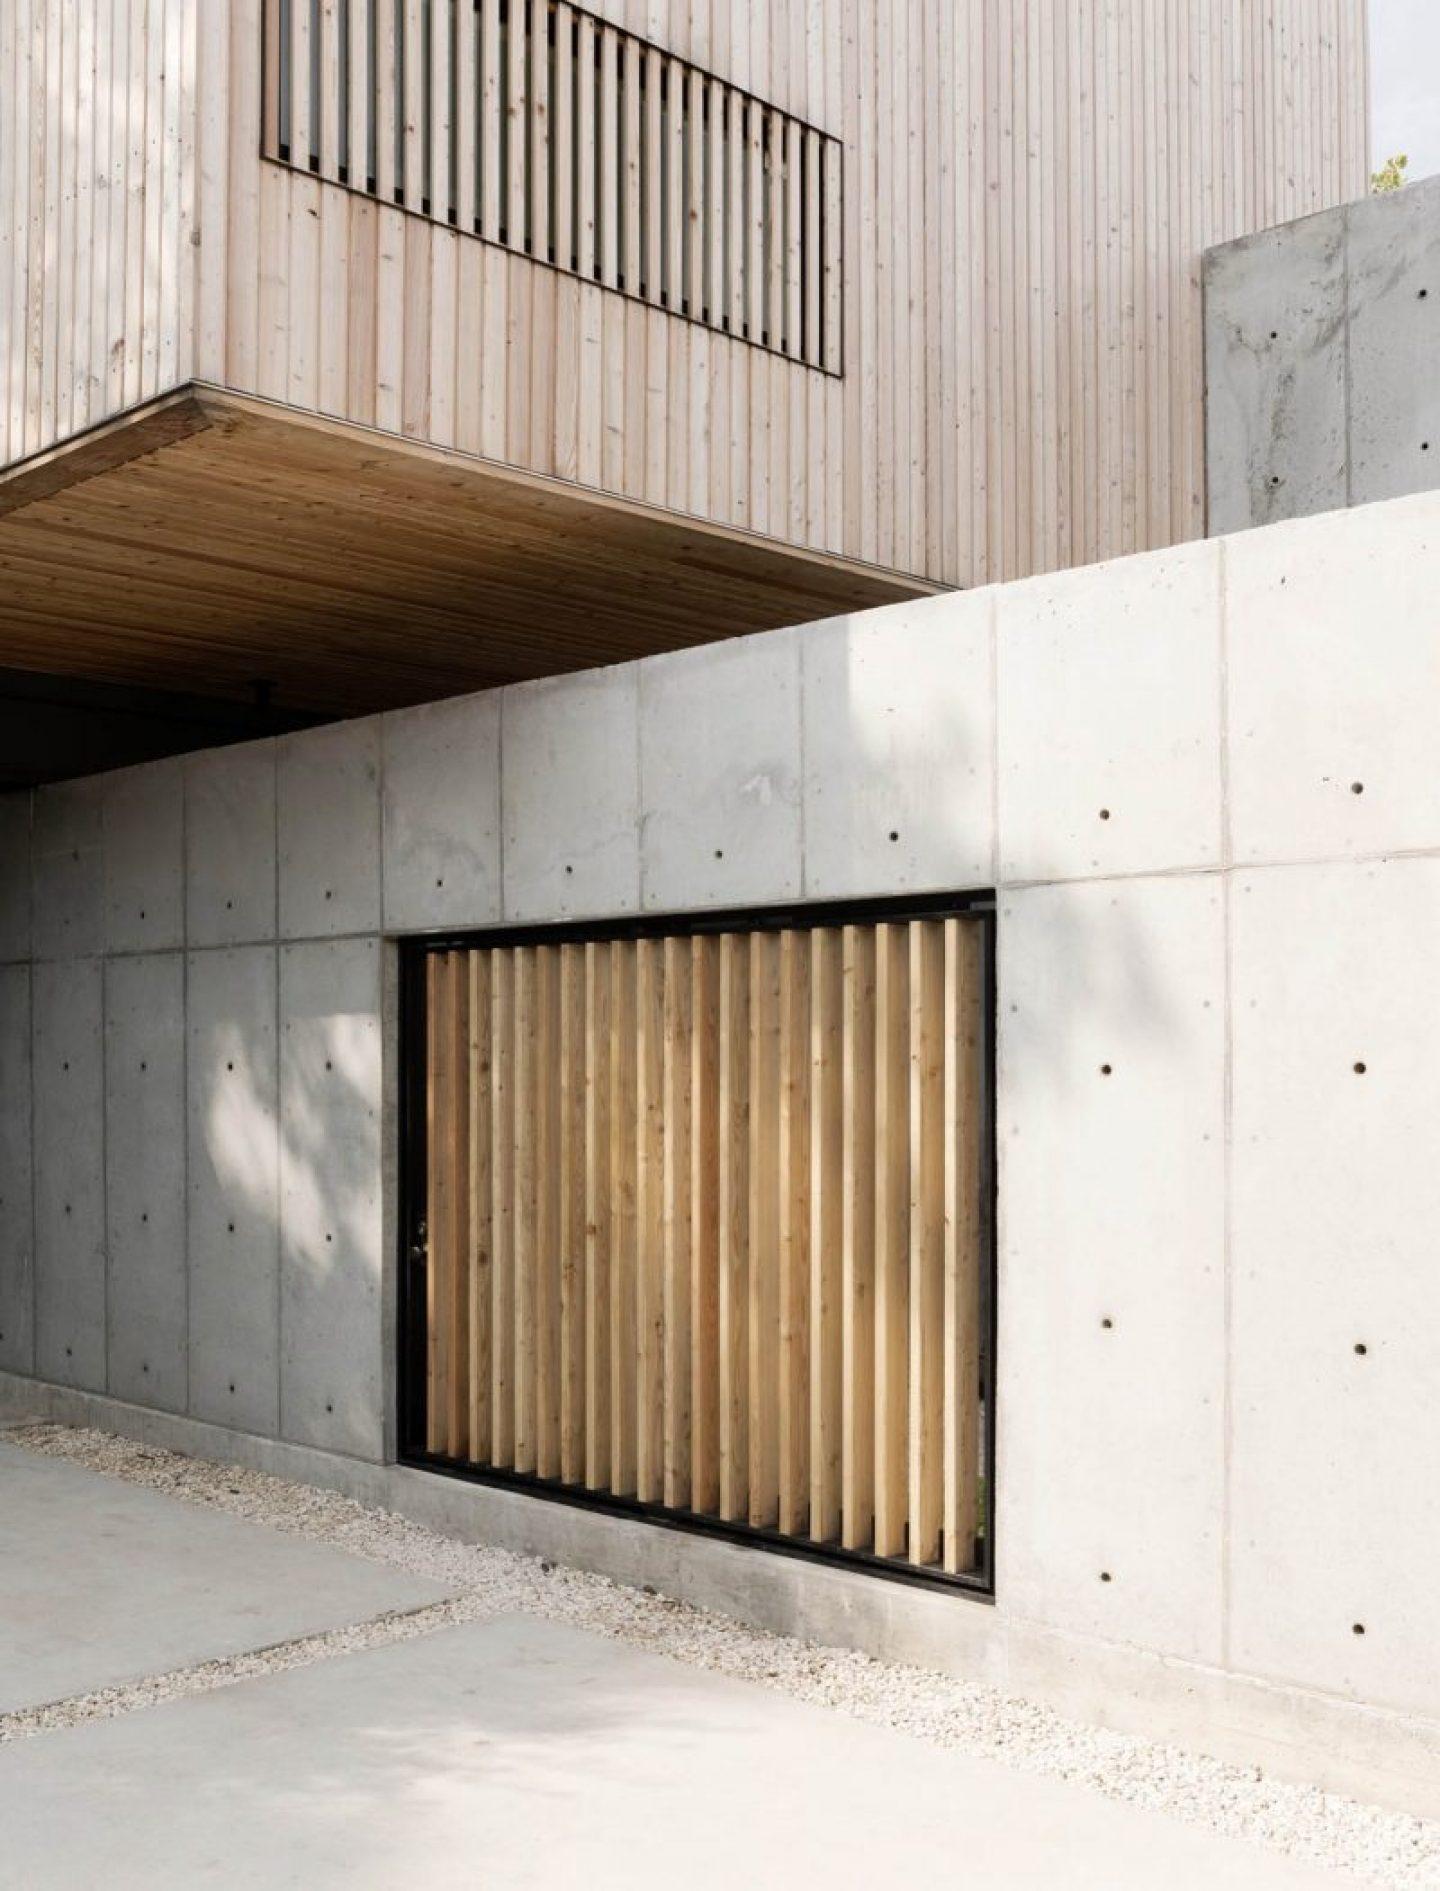 iGNANT_Architecture_Robertson_Design_Concrete_Box_House_3